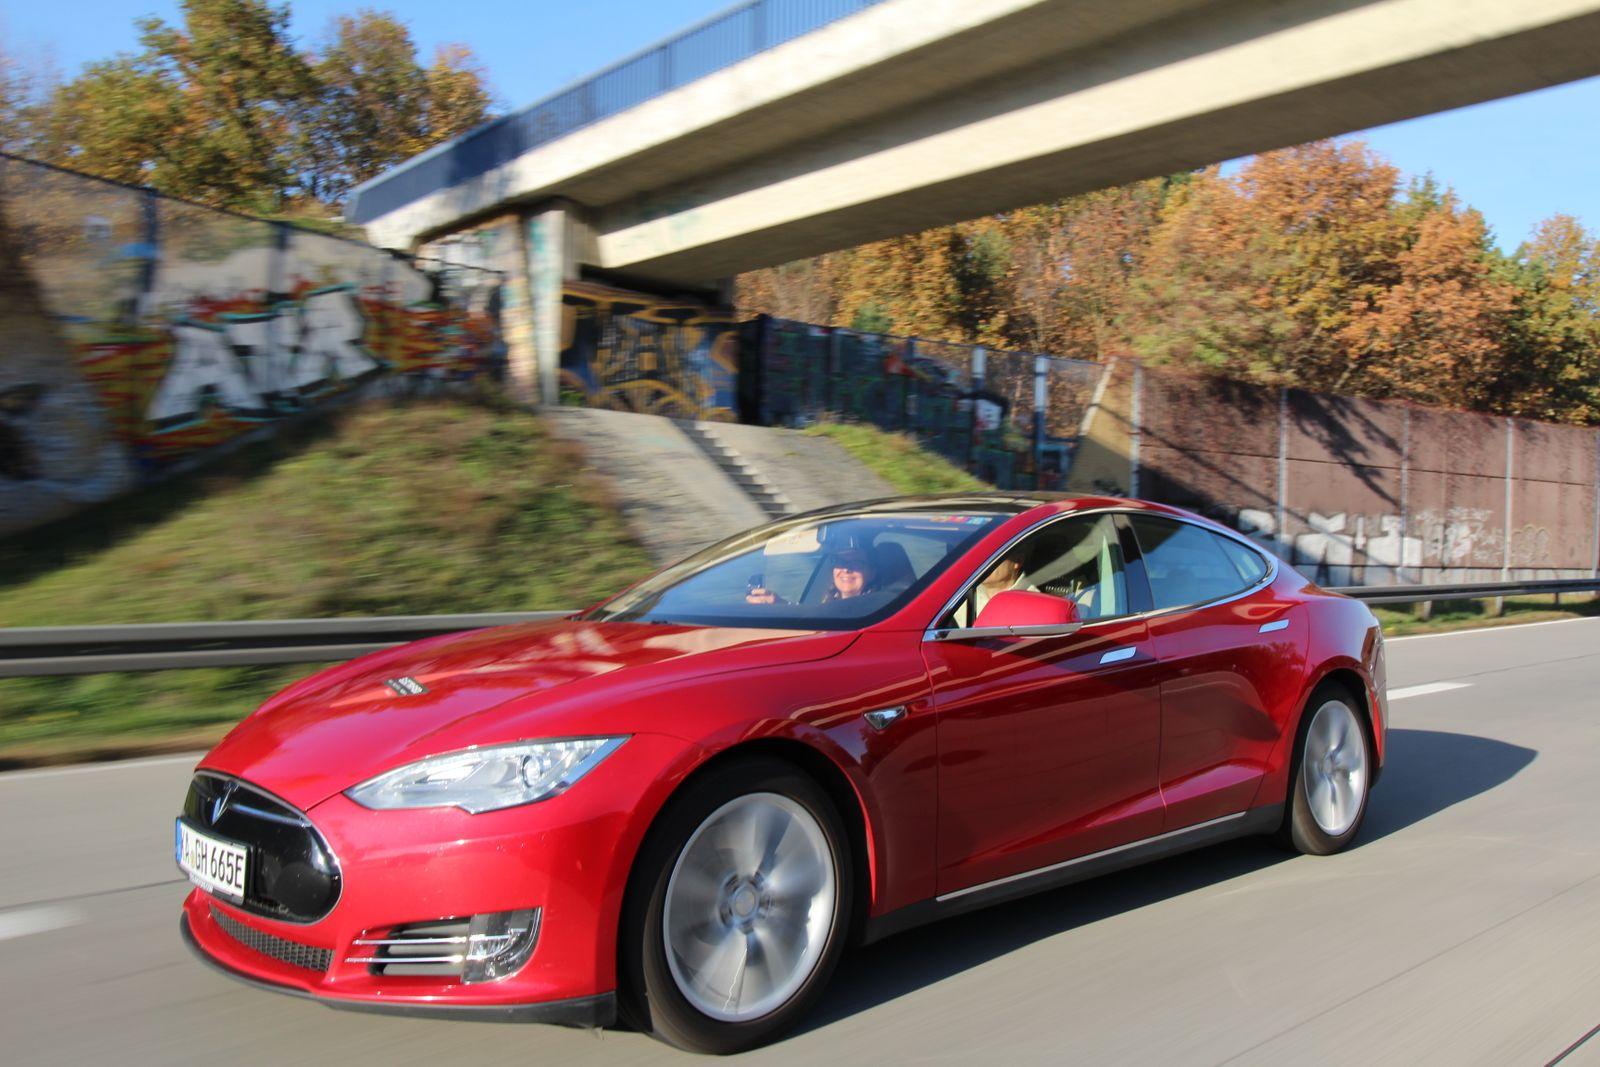 Wettfahrt / Tesla Model S / Toyota Mirai / Gemmingen